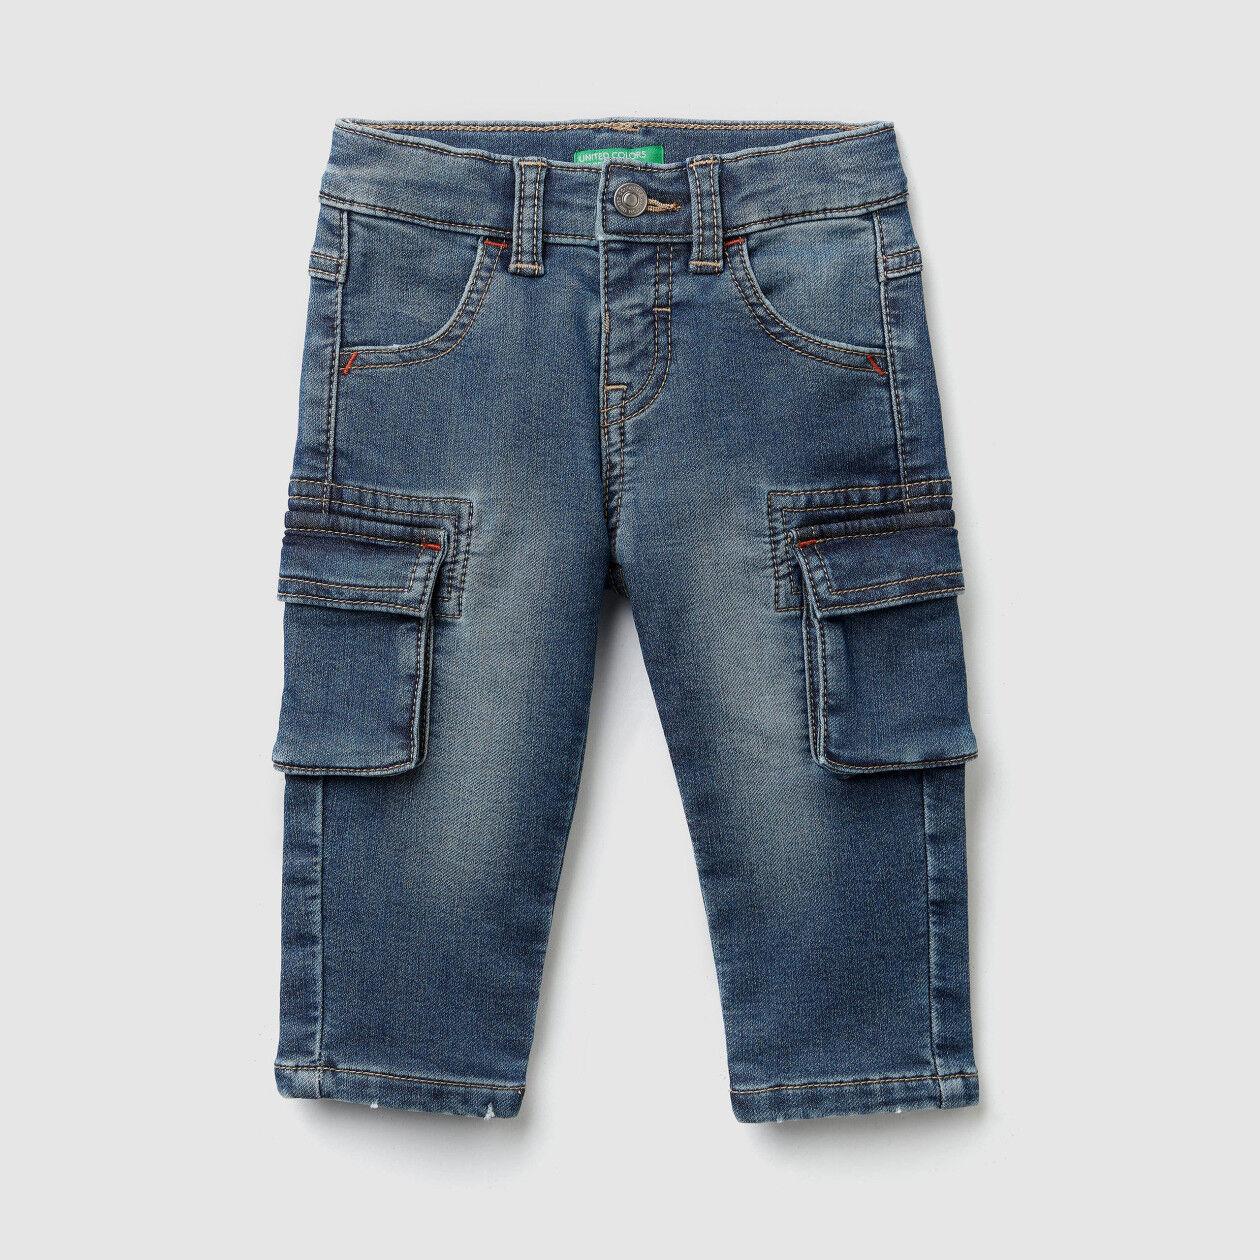 Jeans cargo em denim térmico